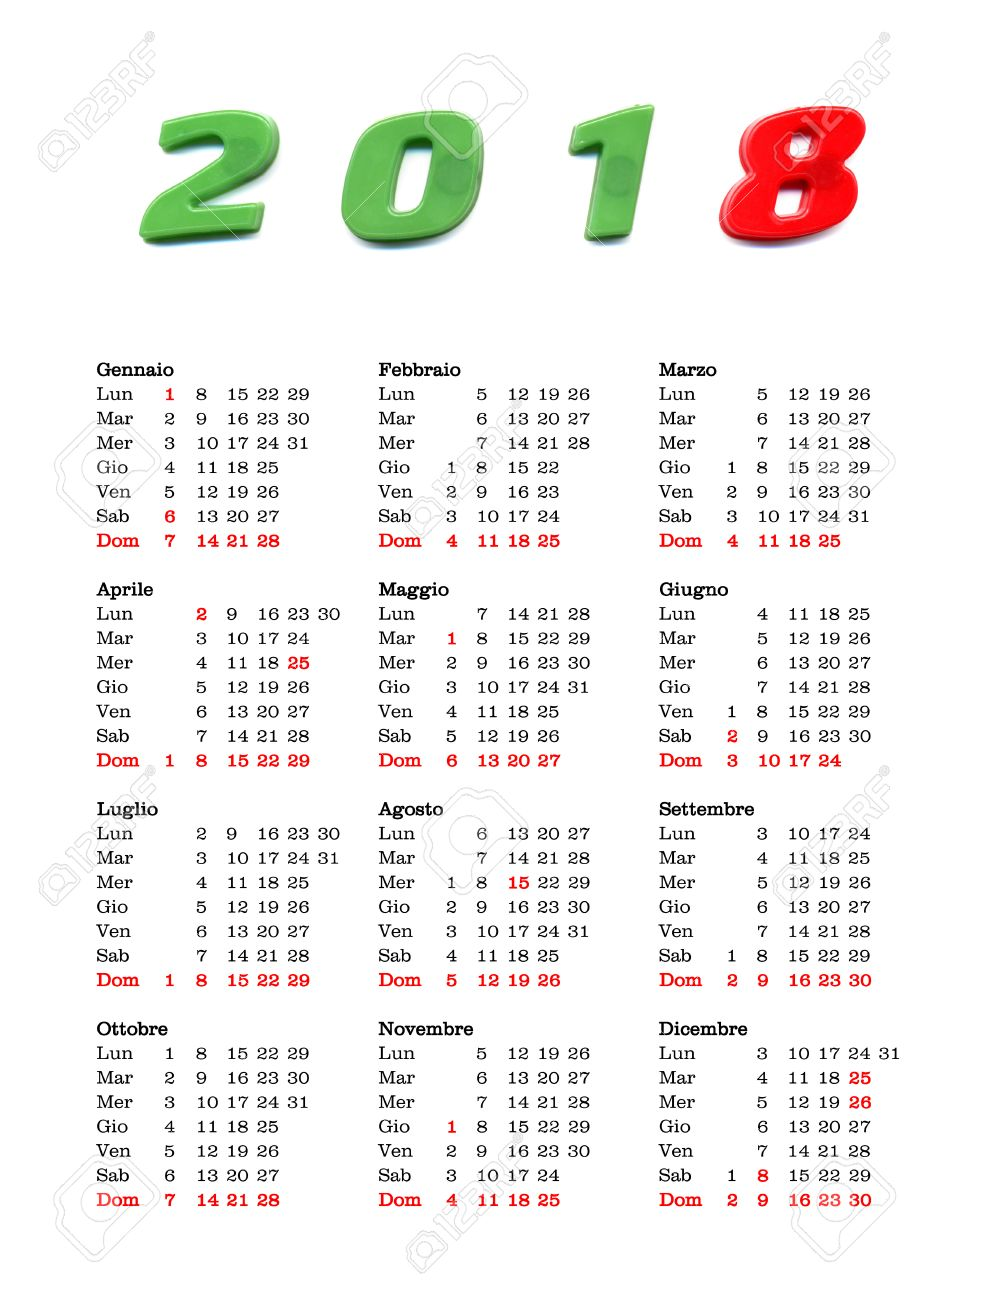 Calendario Nazionali.Calendario Italiano Dell Anno 2018 Con Festivita E Ferie Nazionali Per L Italia